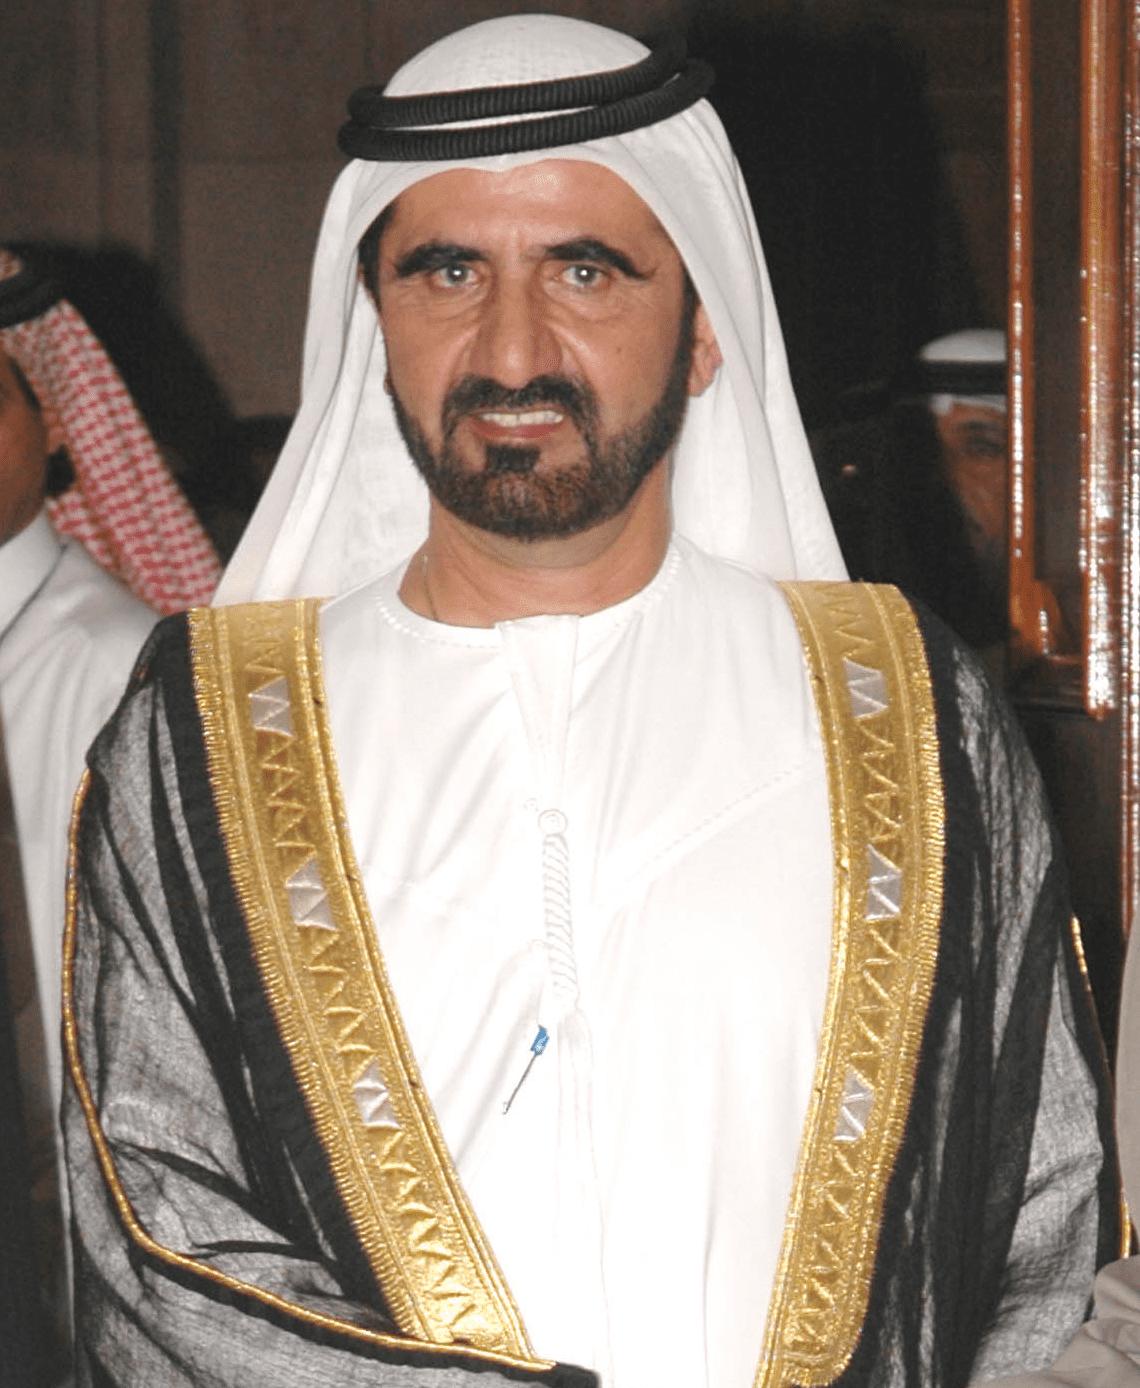 Sheikh Mohammed bin Rashid Al Maktoum - The Ruler of Dubai 7